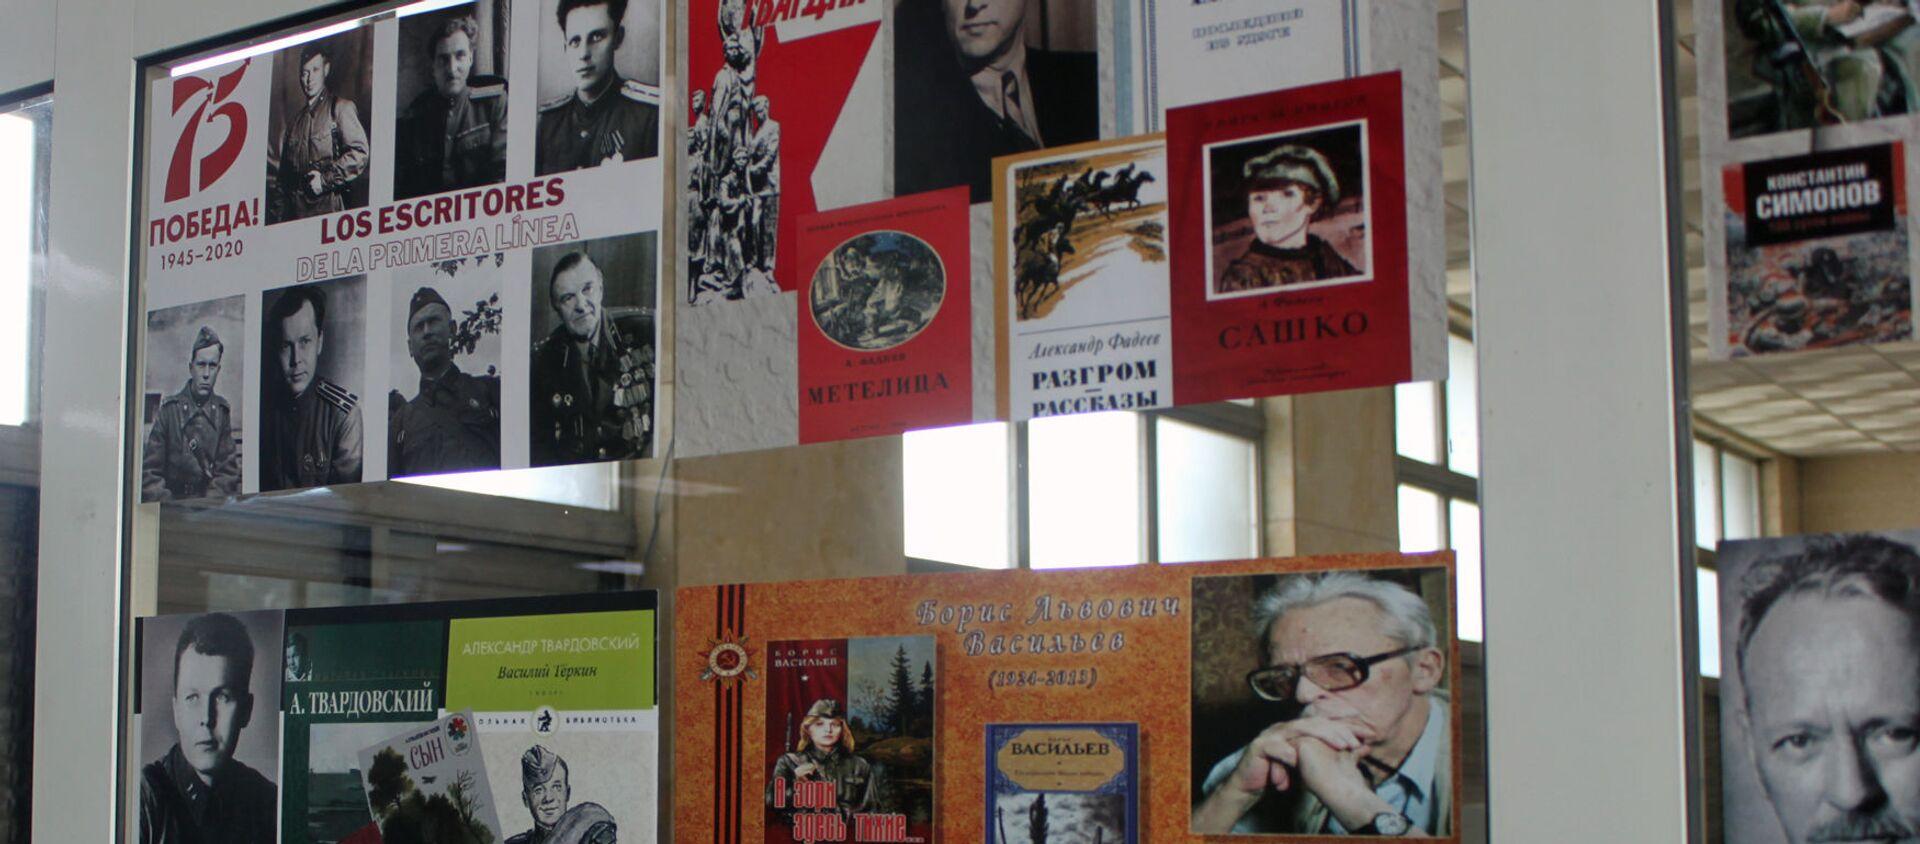 Escritores rusos homenajeados en Cuba - Sputnik Mundo, 1920, 21.11.2020